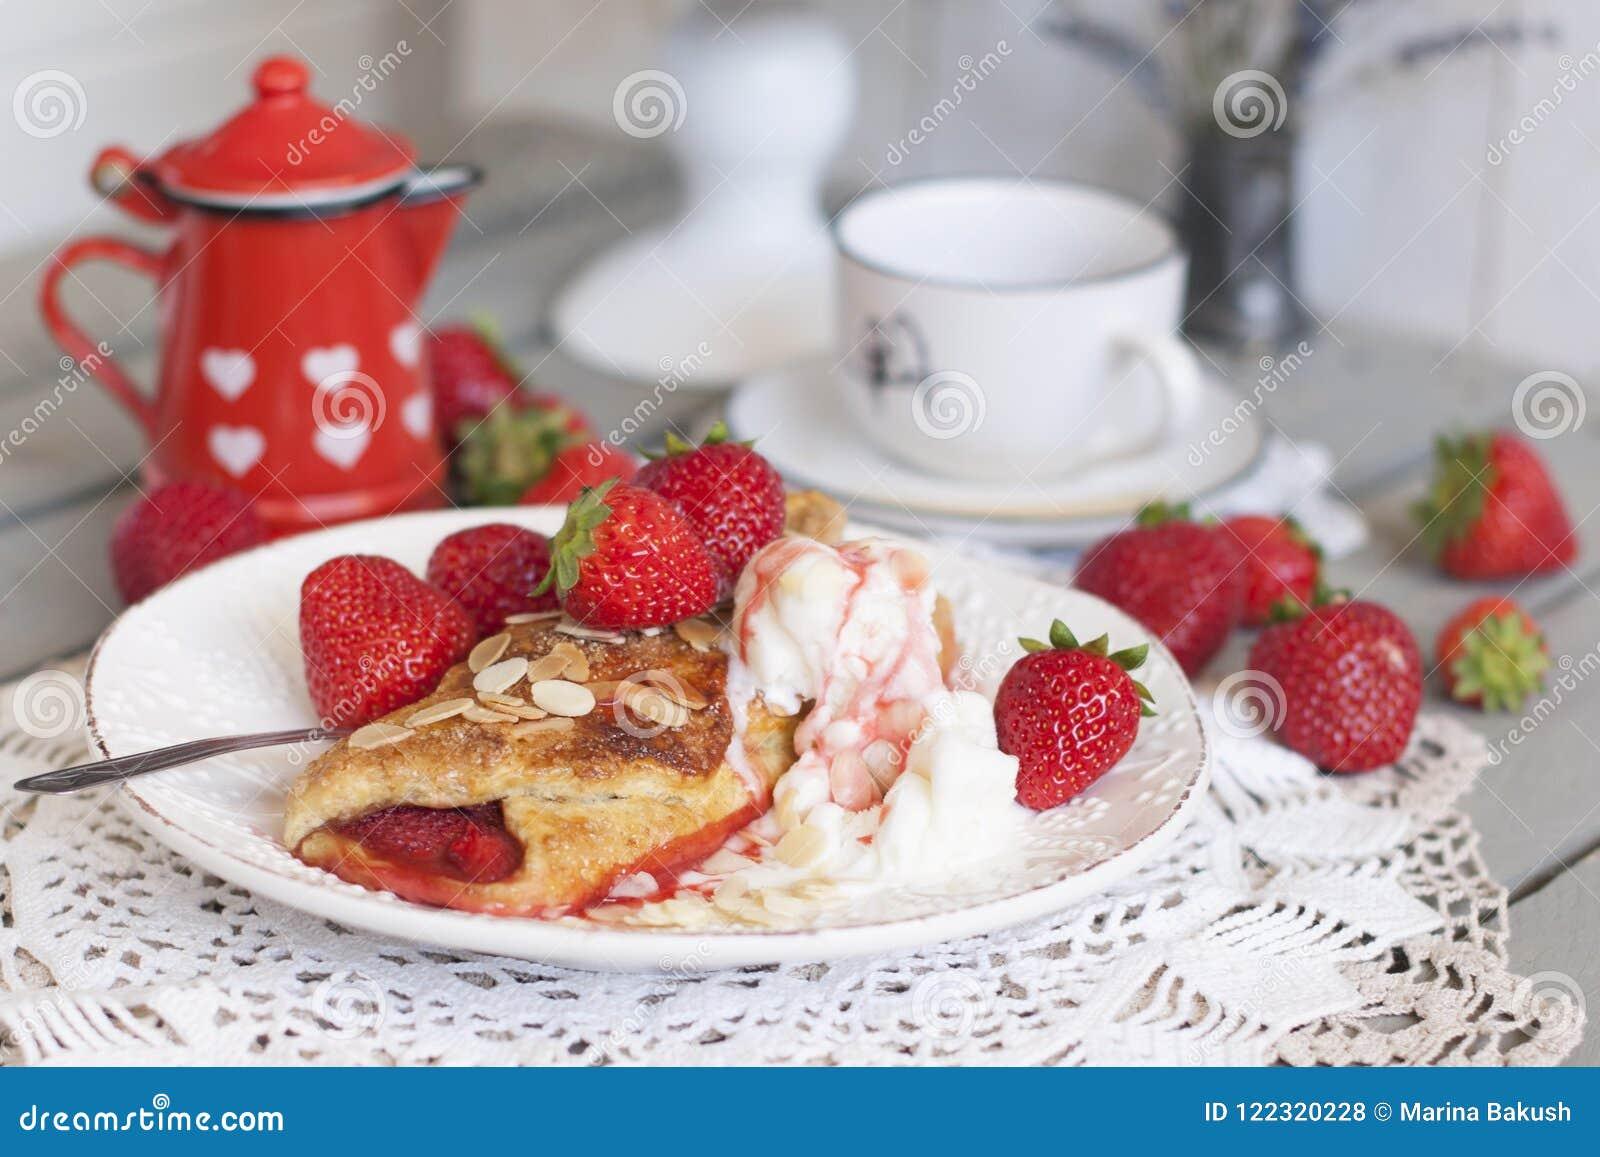 Pasticcerie casalinghe dolci per la prima colazione con il materiale da otturazione della fragola ed il gelato tazza di caffè che